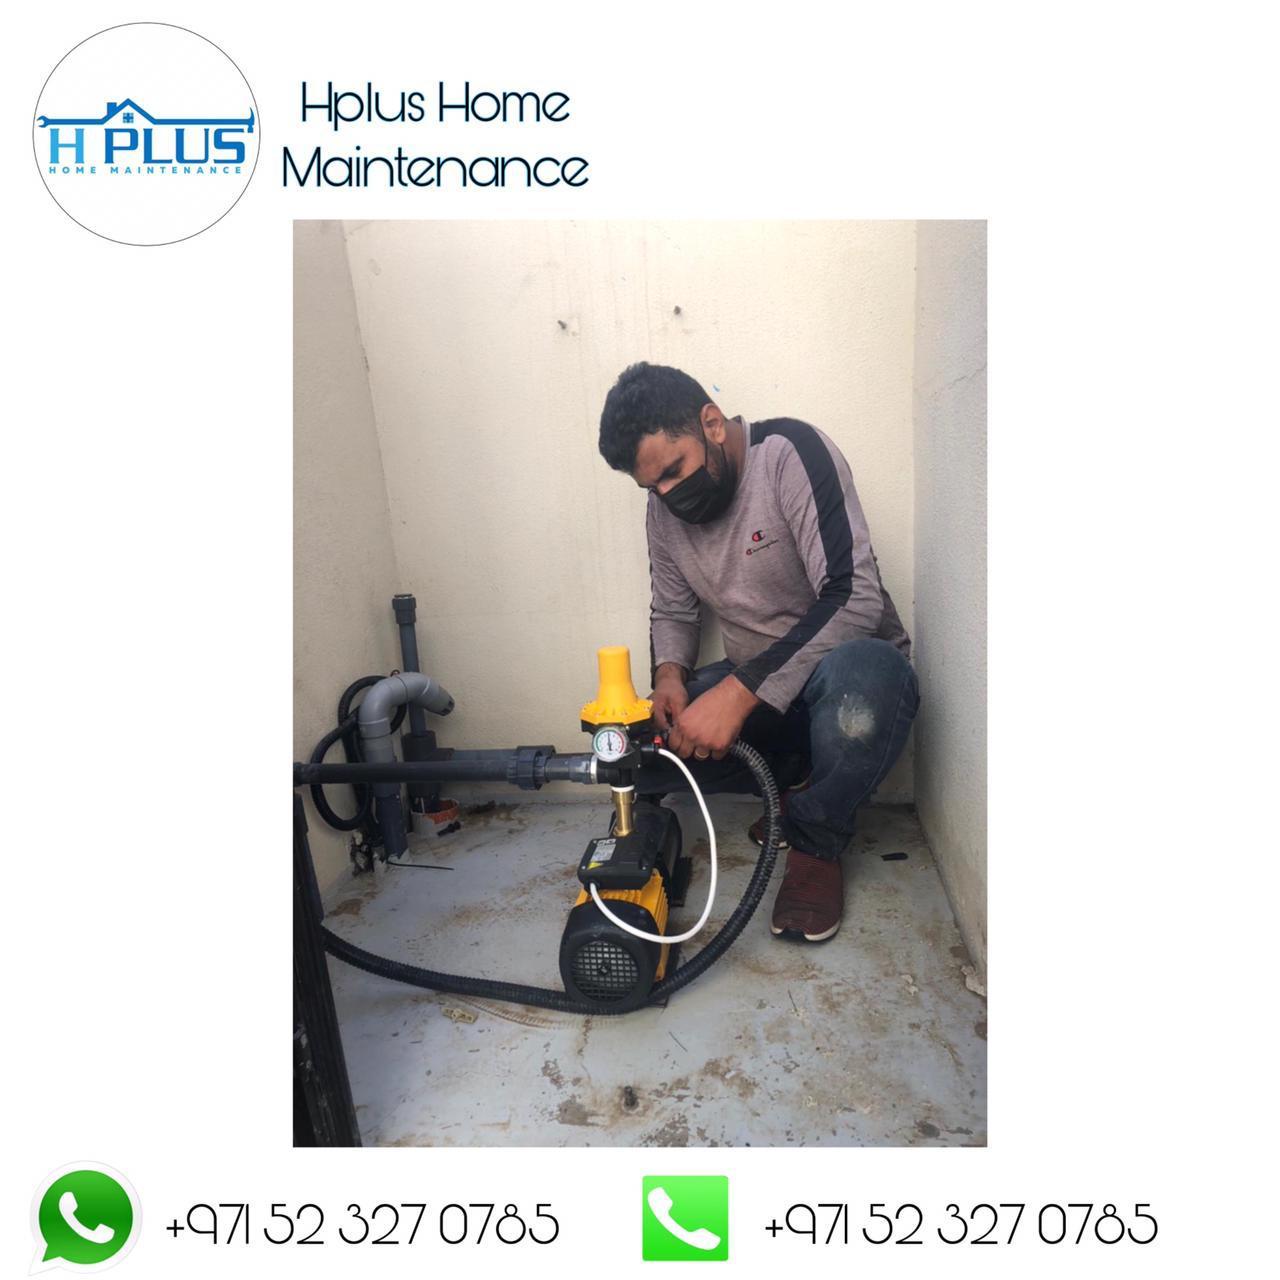 WhatsApp Image 2021-03-12 at 7.06.46 PM.jpeg